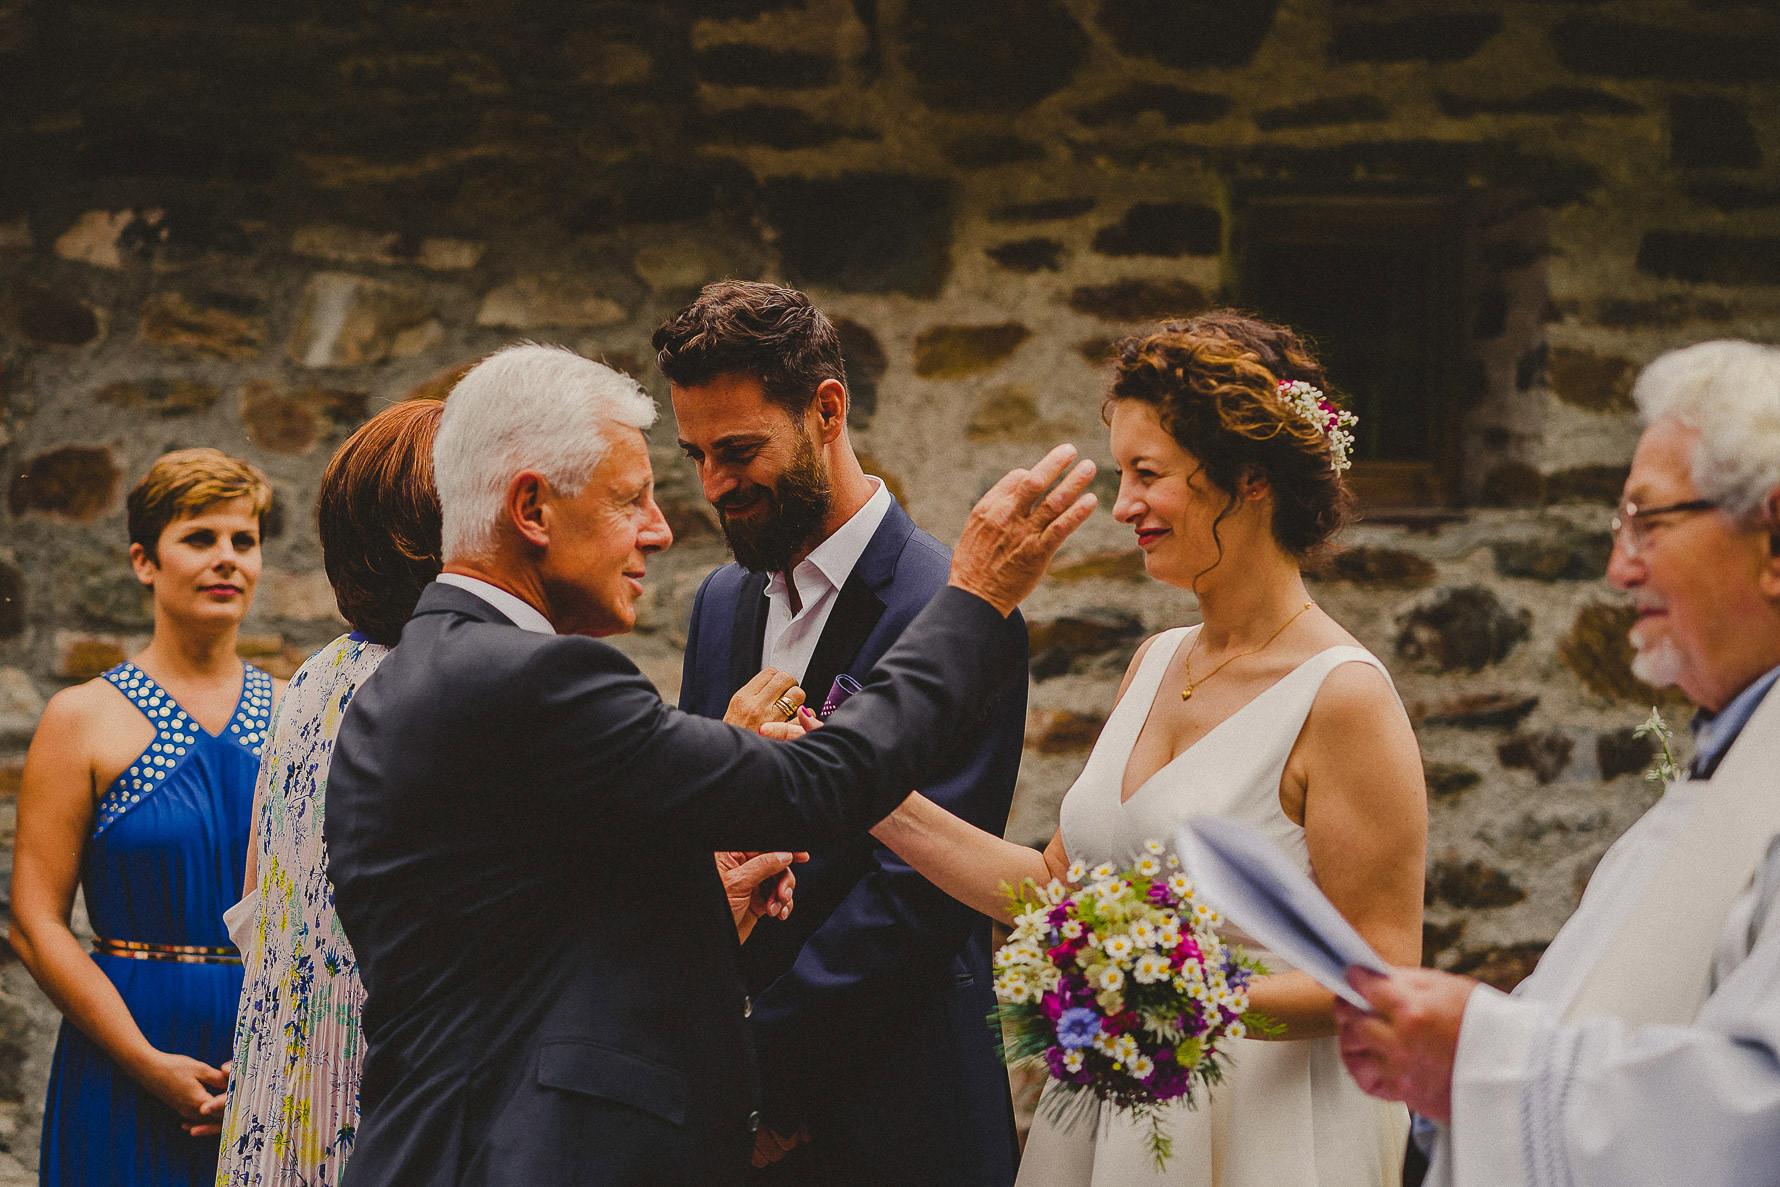 Südtiroler Hochzeitsfotograf Livio Lacurre